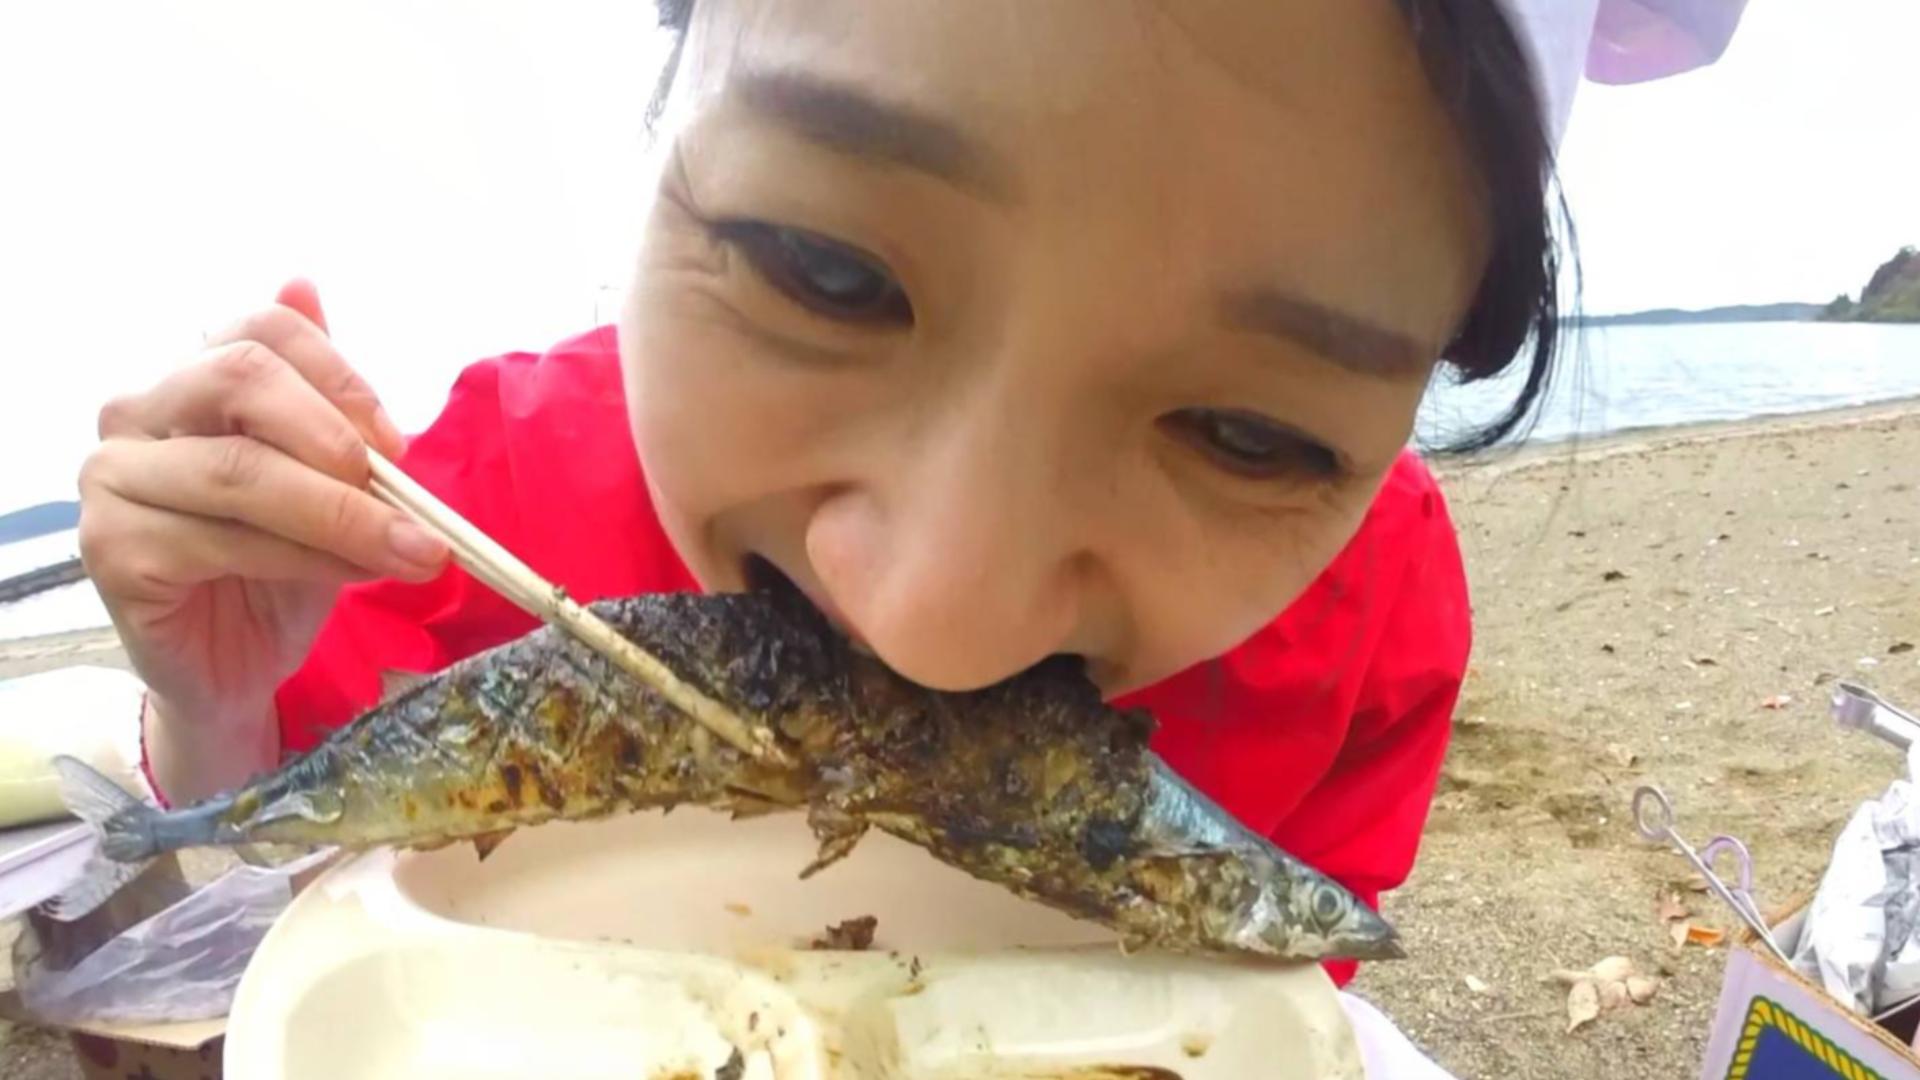 """日本青森""""应季""""海鲜烧烤大餐ヽ(•̀ω•́ )ゝ 边烤边吃最美味啦~!香哟~~~"""